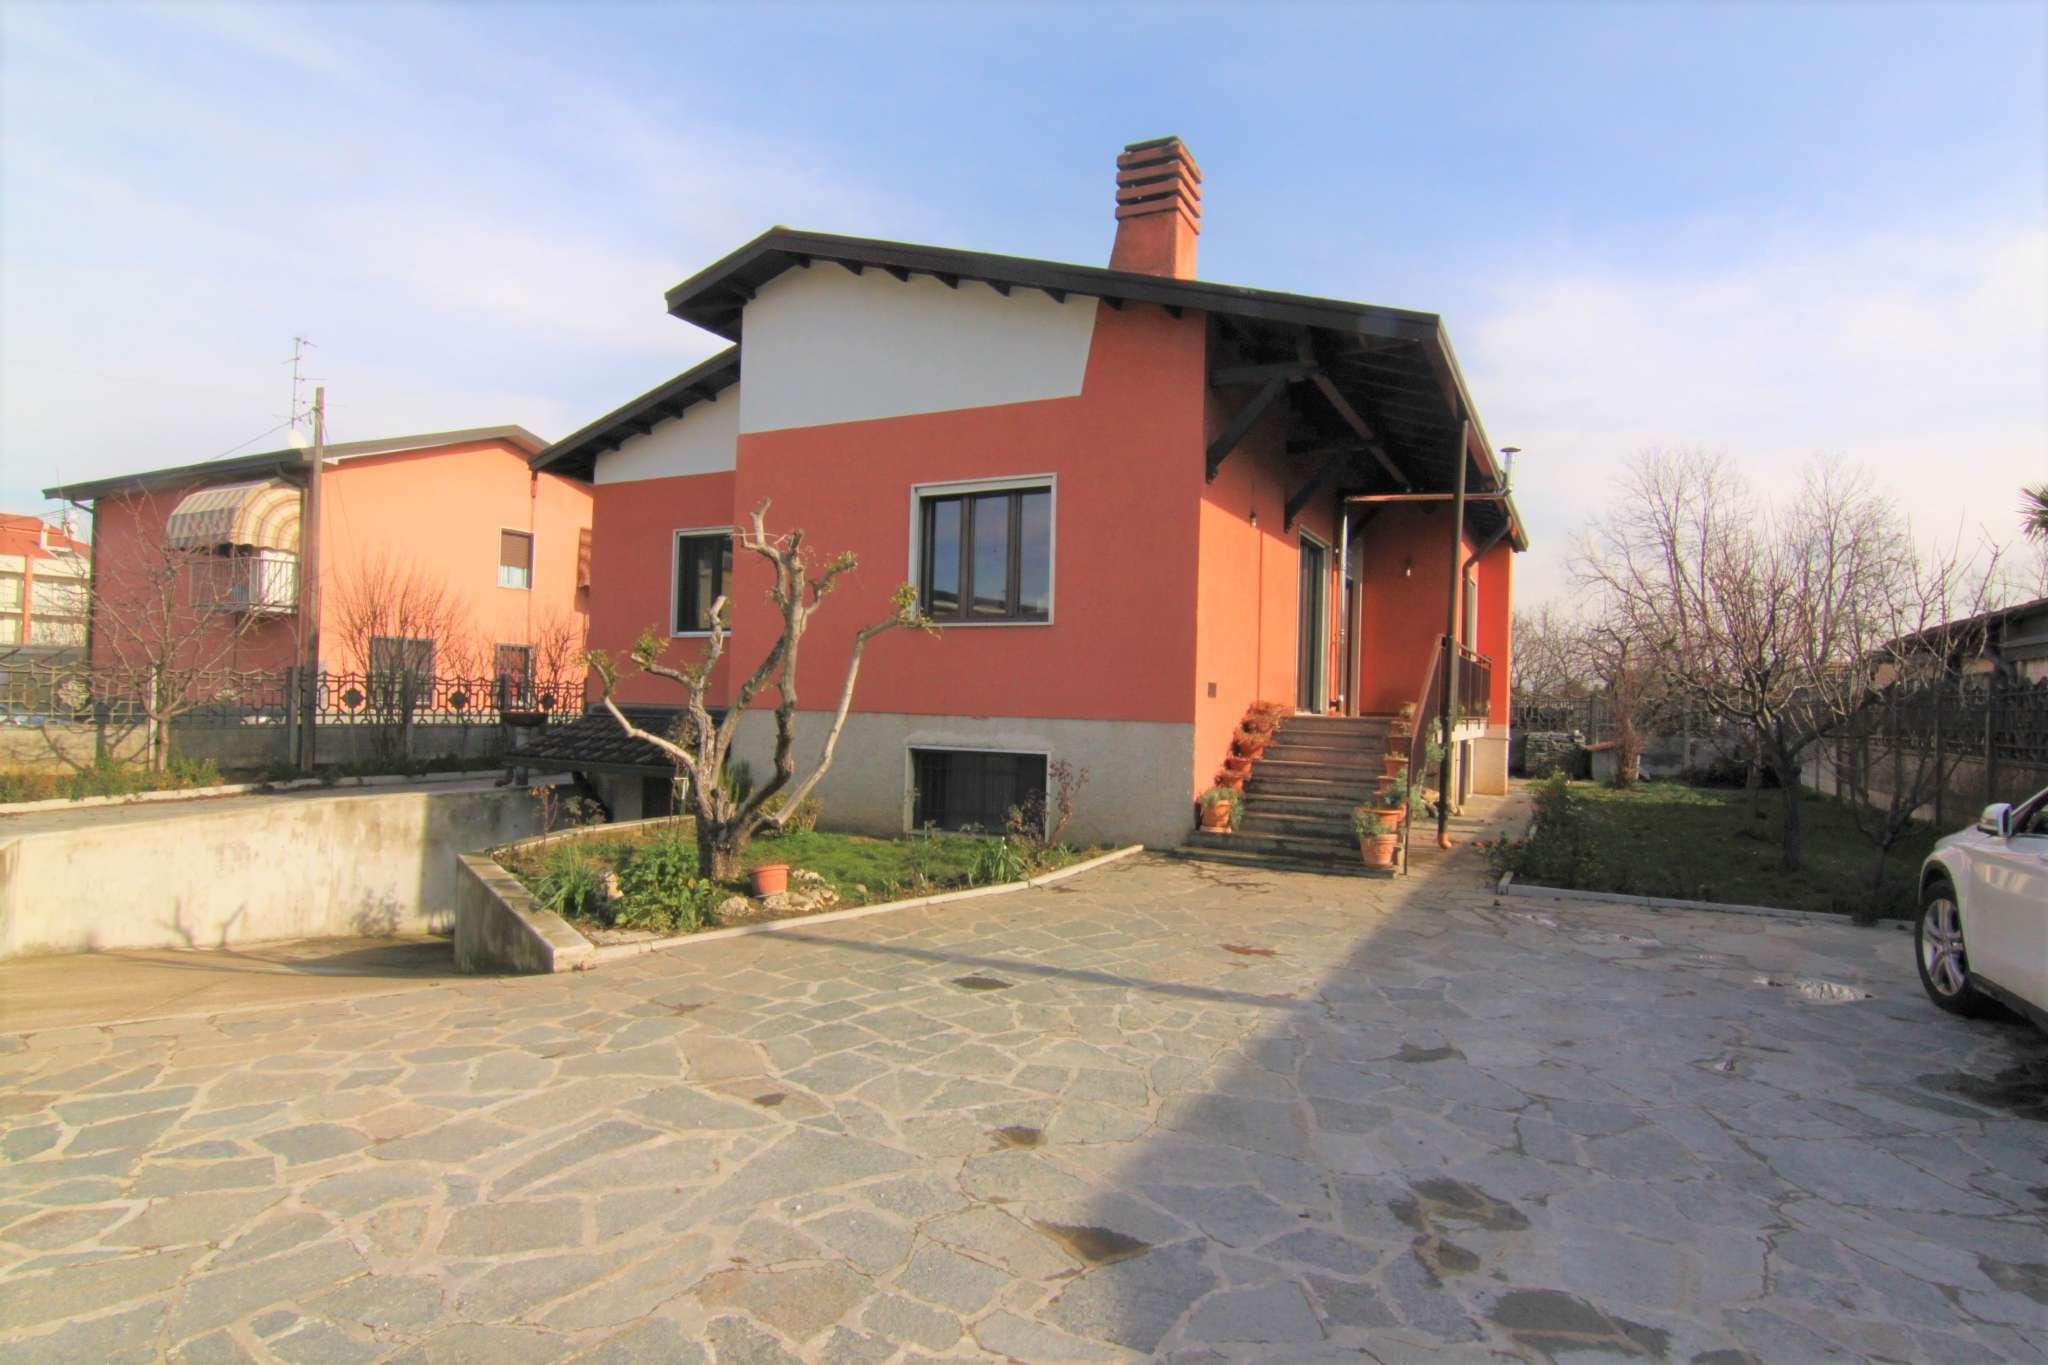 Villa in vendita a Cardano al Campo, 5 locali, prezzo € 390.000 | CambioCasa.it